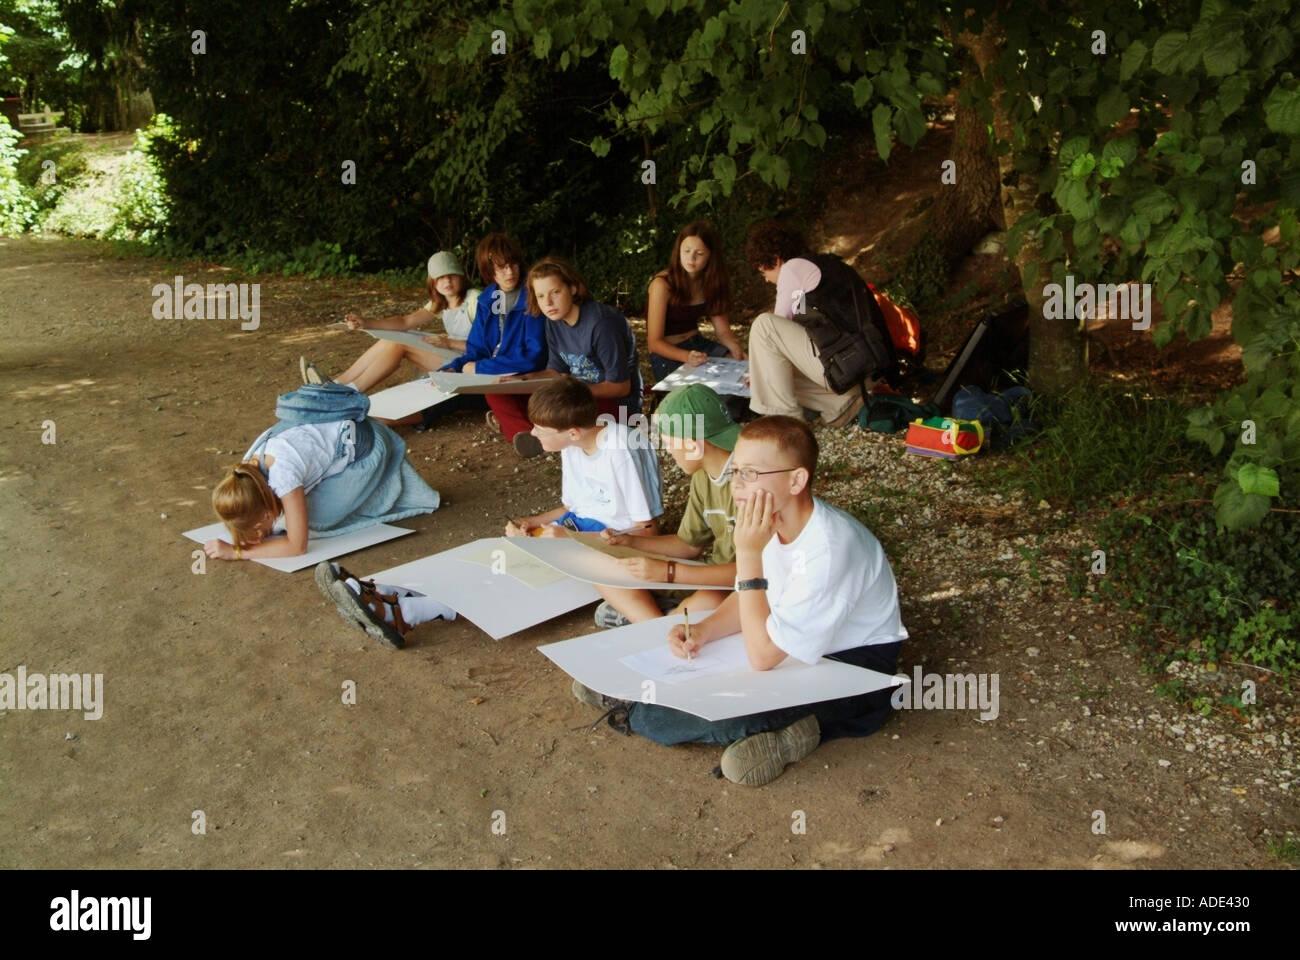 france chateau chenonceau catherine de medicis garden schoolchildren painting - Stock Image